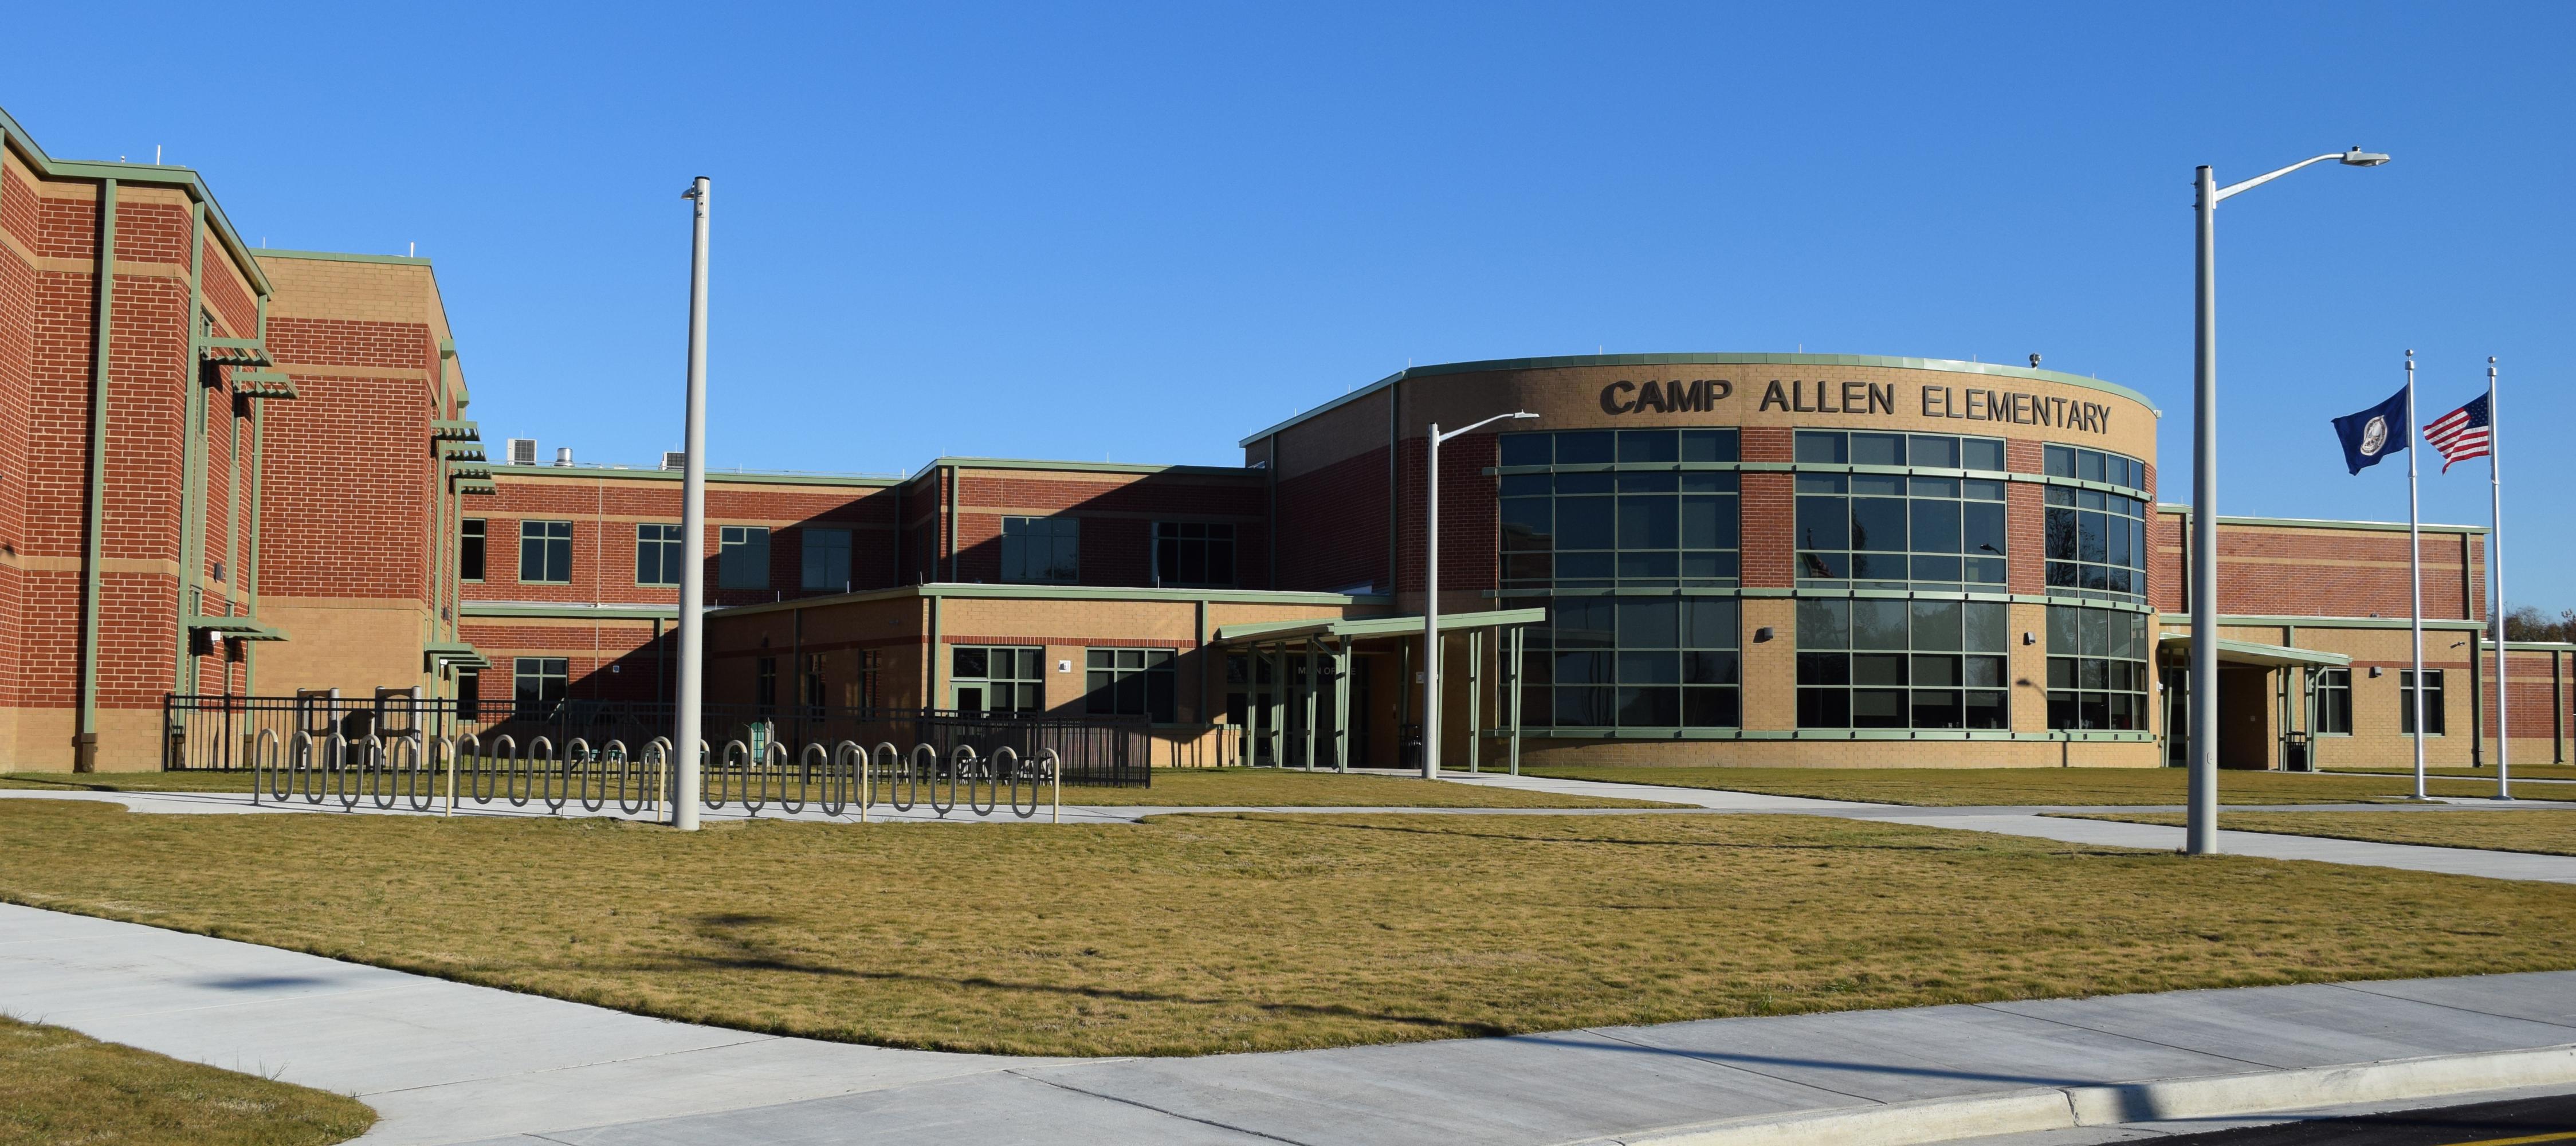 Camp Allen Elementary School / Homepage